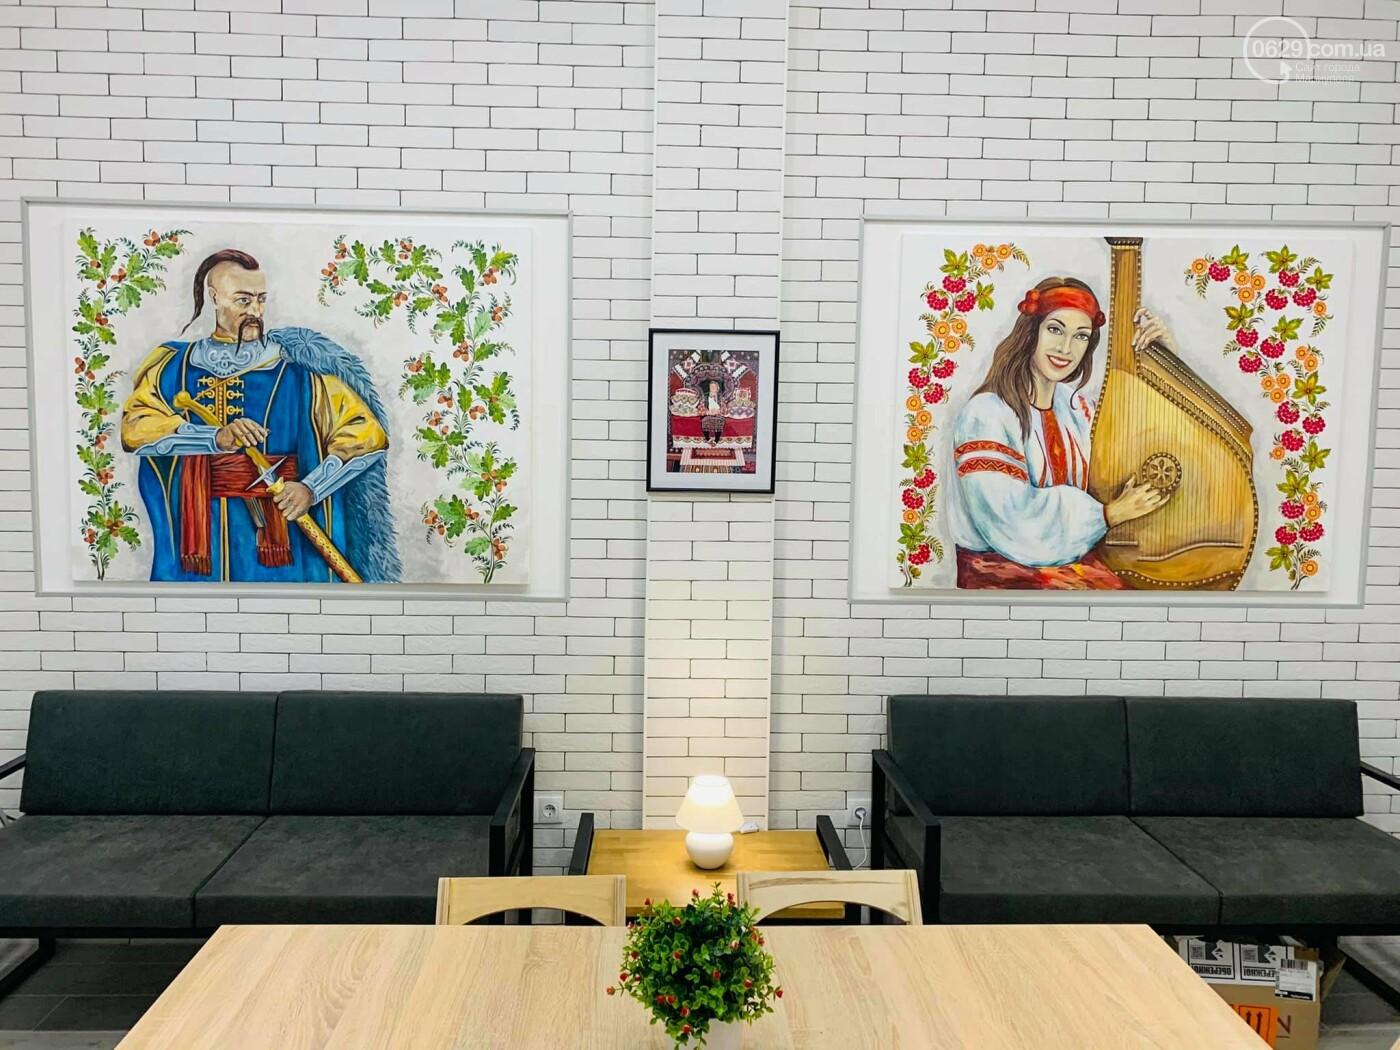 Непроста церква. Як маріупольці перетворюють храм в культурний центр власними руками, - ФОТОРЕПОРТАЖ, фото-7